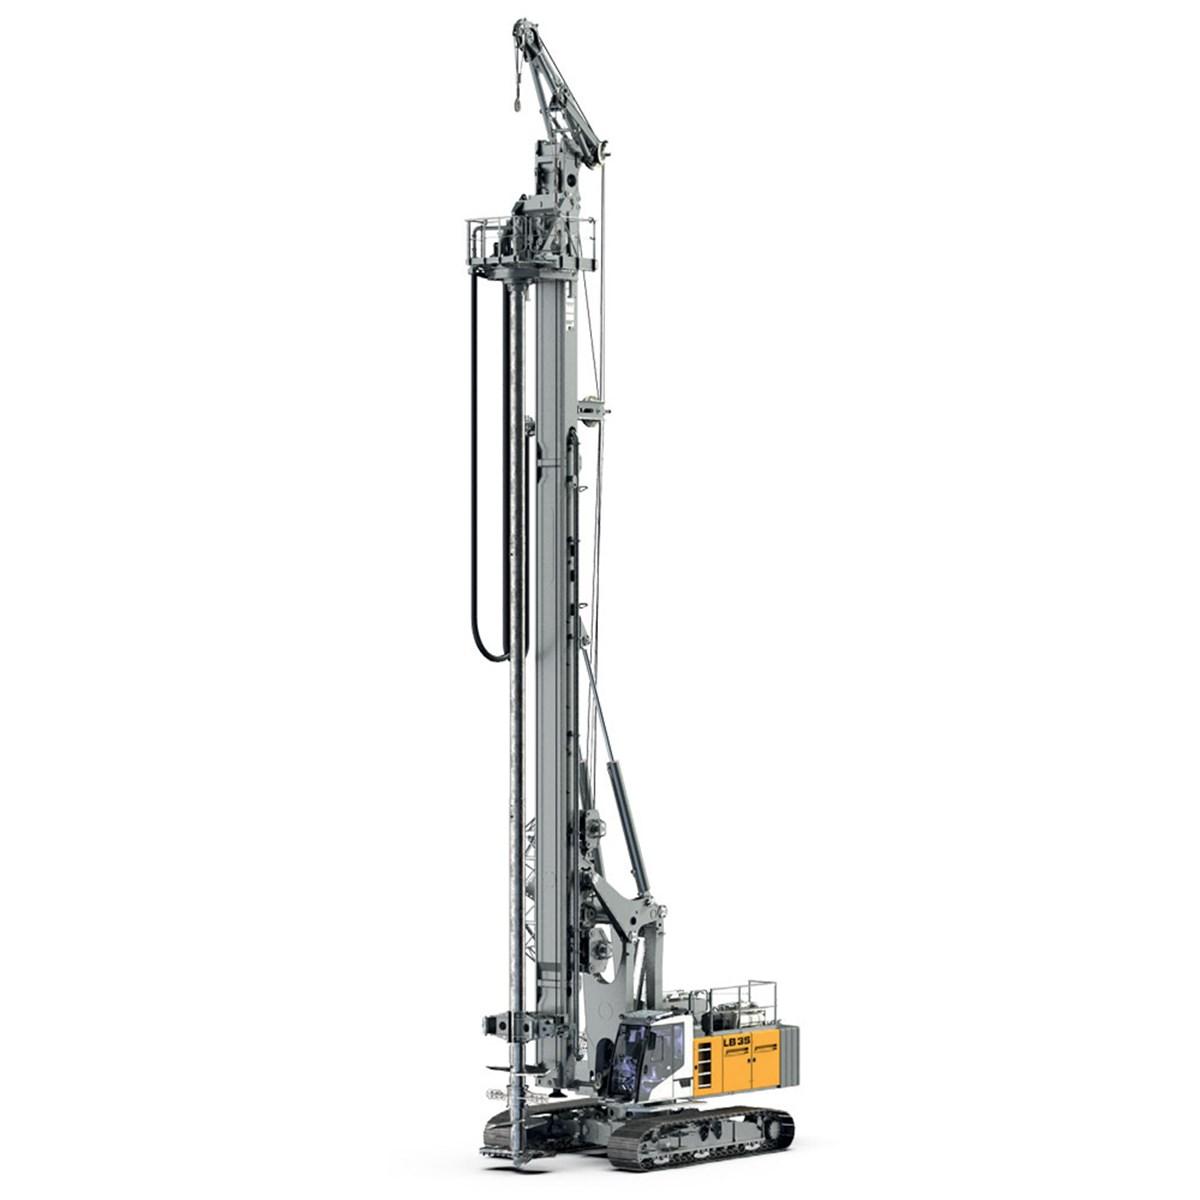 liebherr-lb-35-drilling-rig-bohrgerat-kelly-drilling-kellybohren-1.jpg